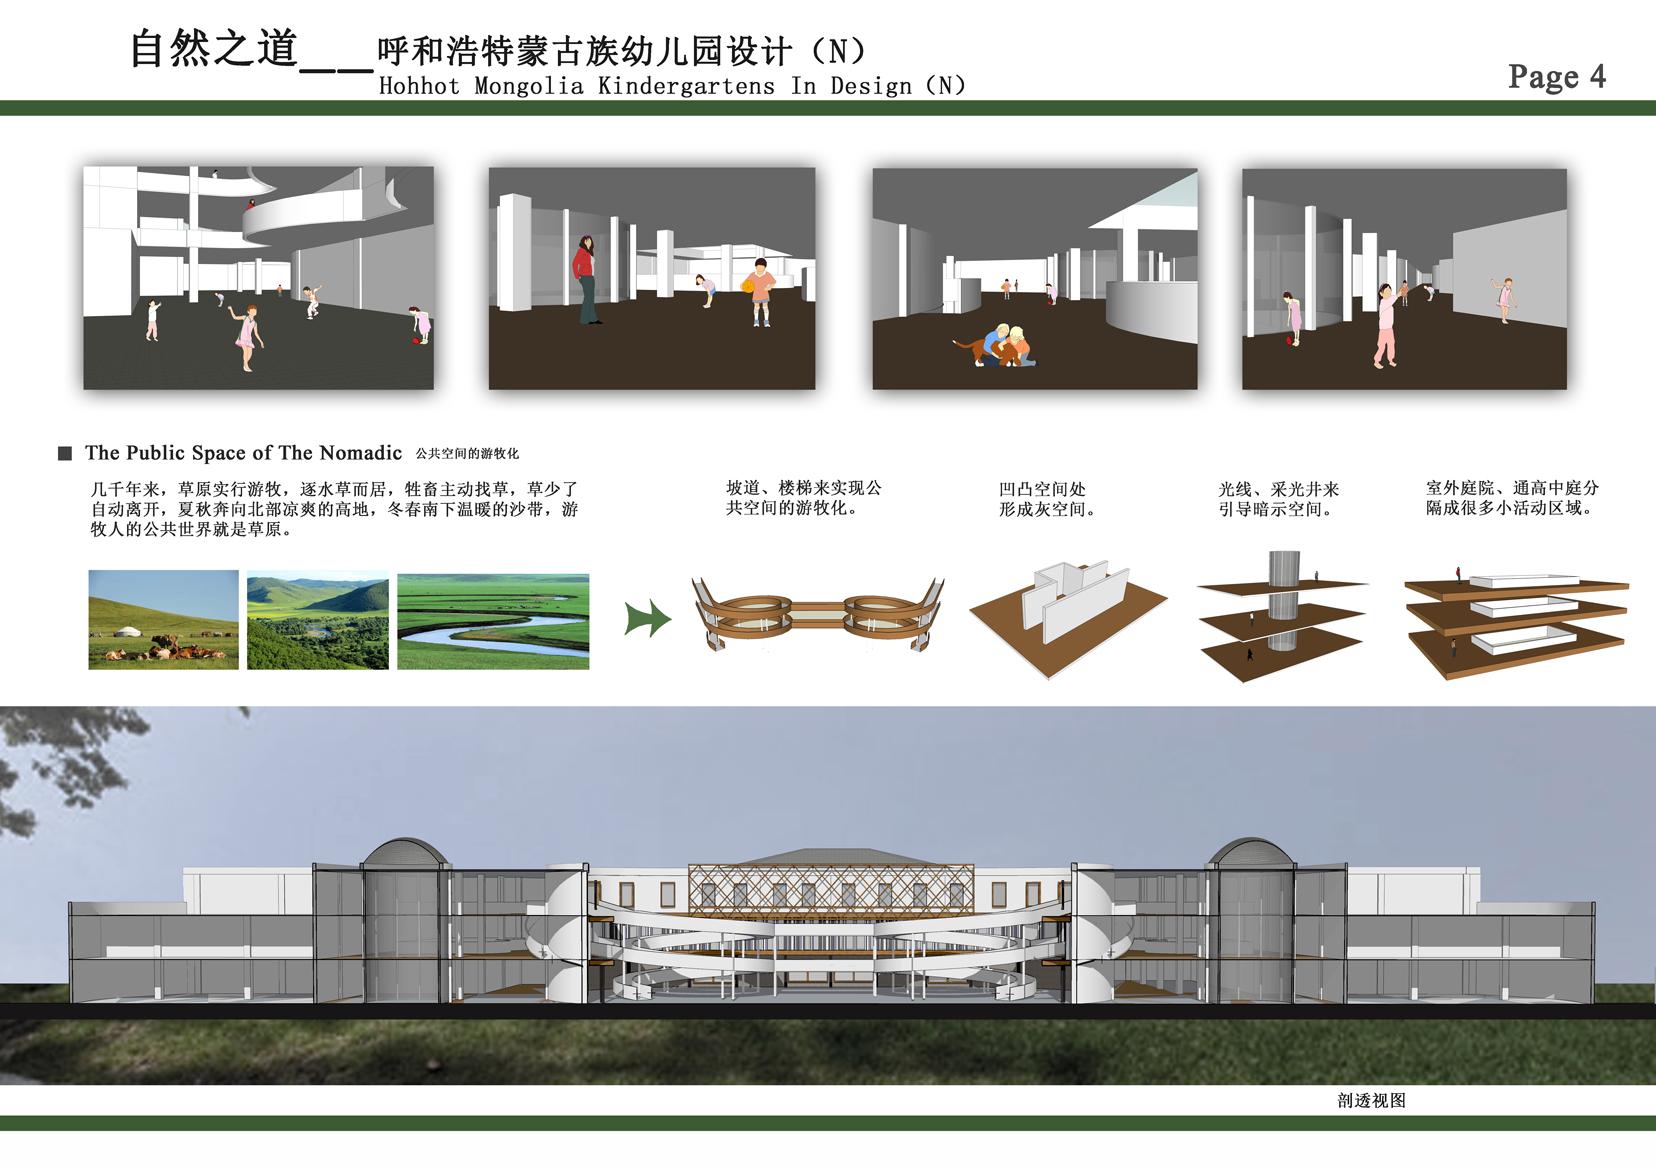 蒙古族幼儿园建筑设计方案 第4张